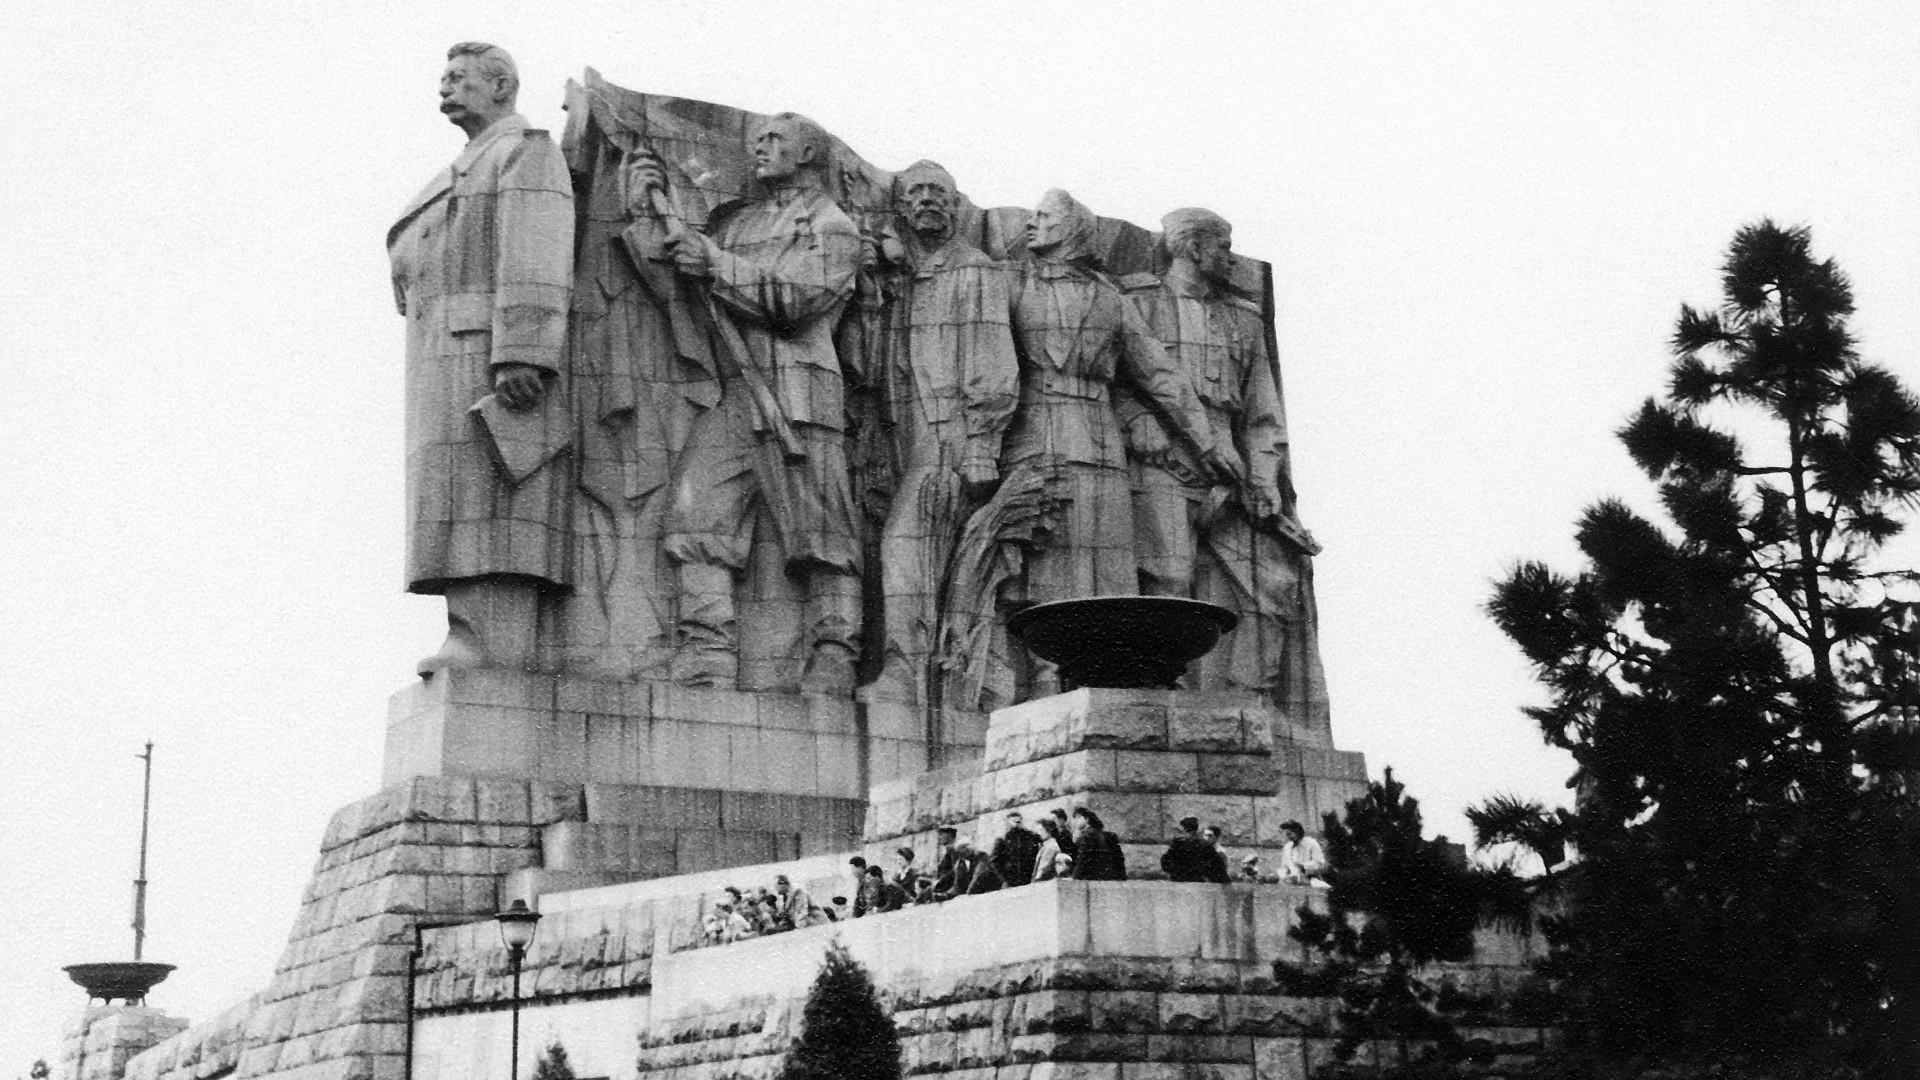 Споменик Јосифу Стаљину у Прагу, Чехословачка, 1956.